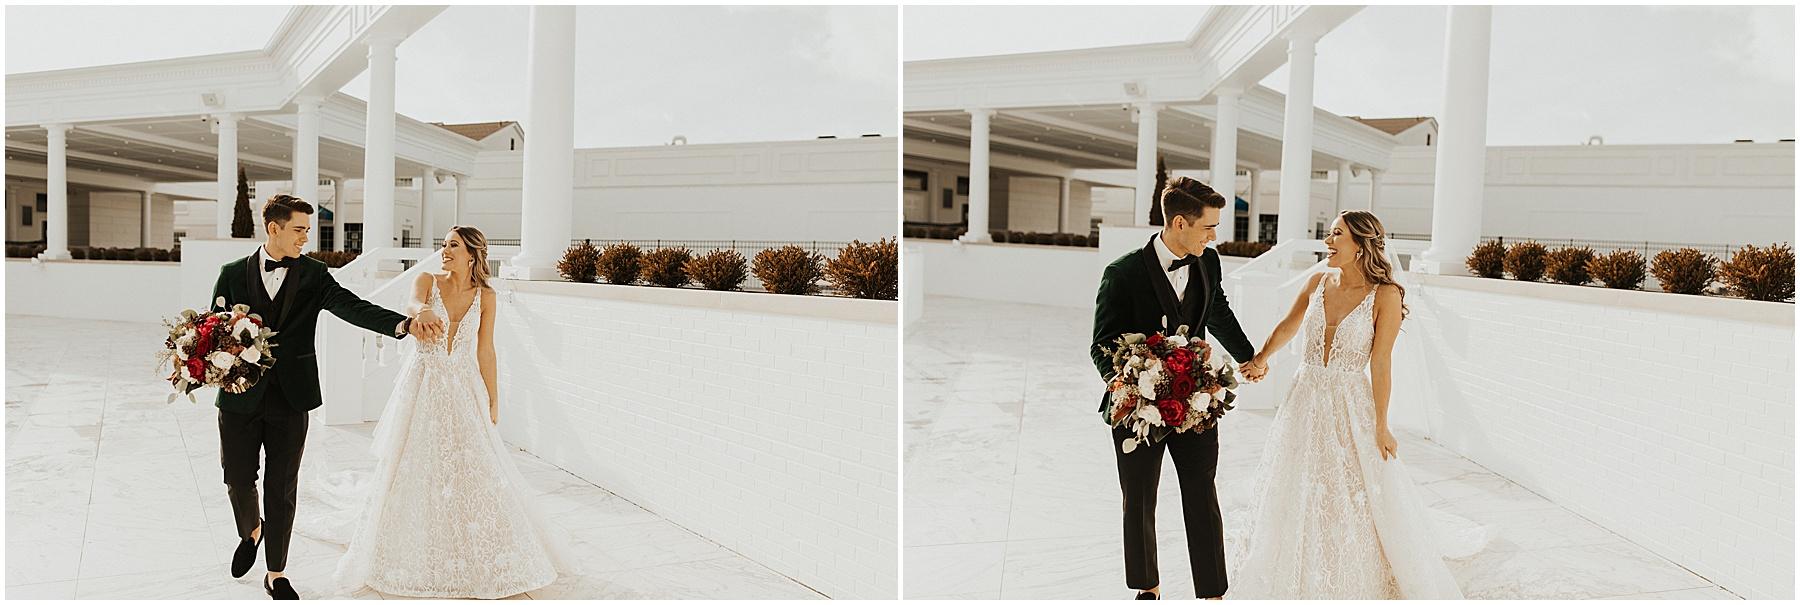 Christmas Wedding in Ohio_0269.jpg